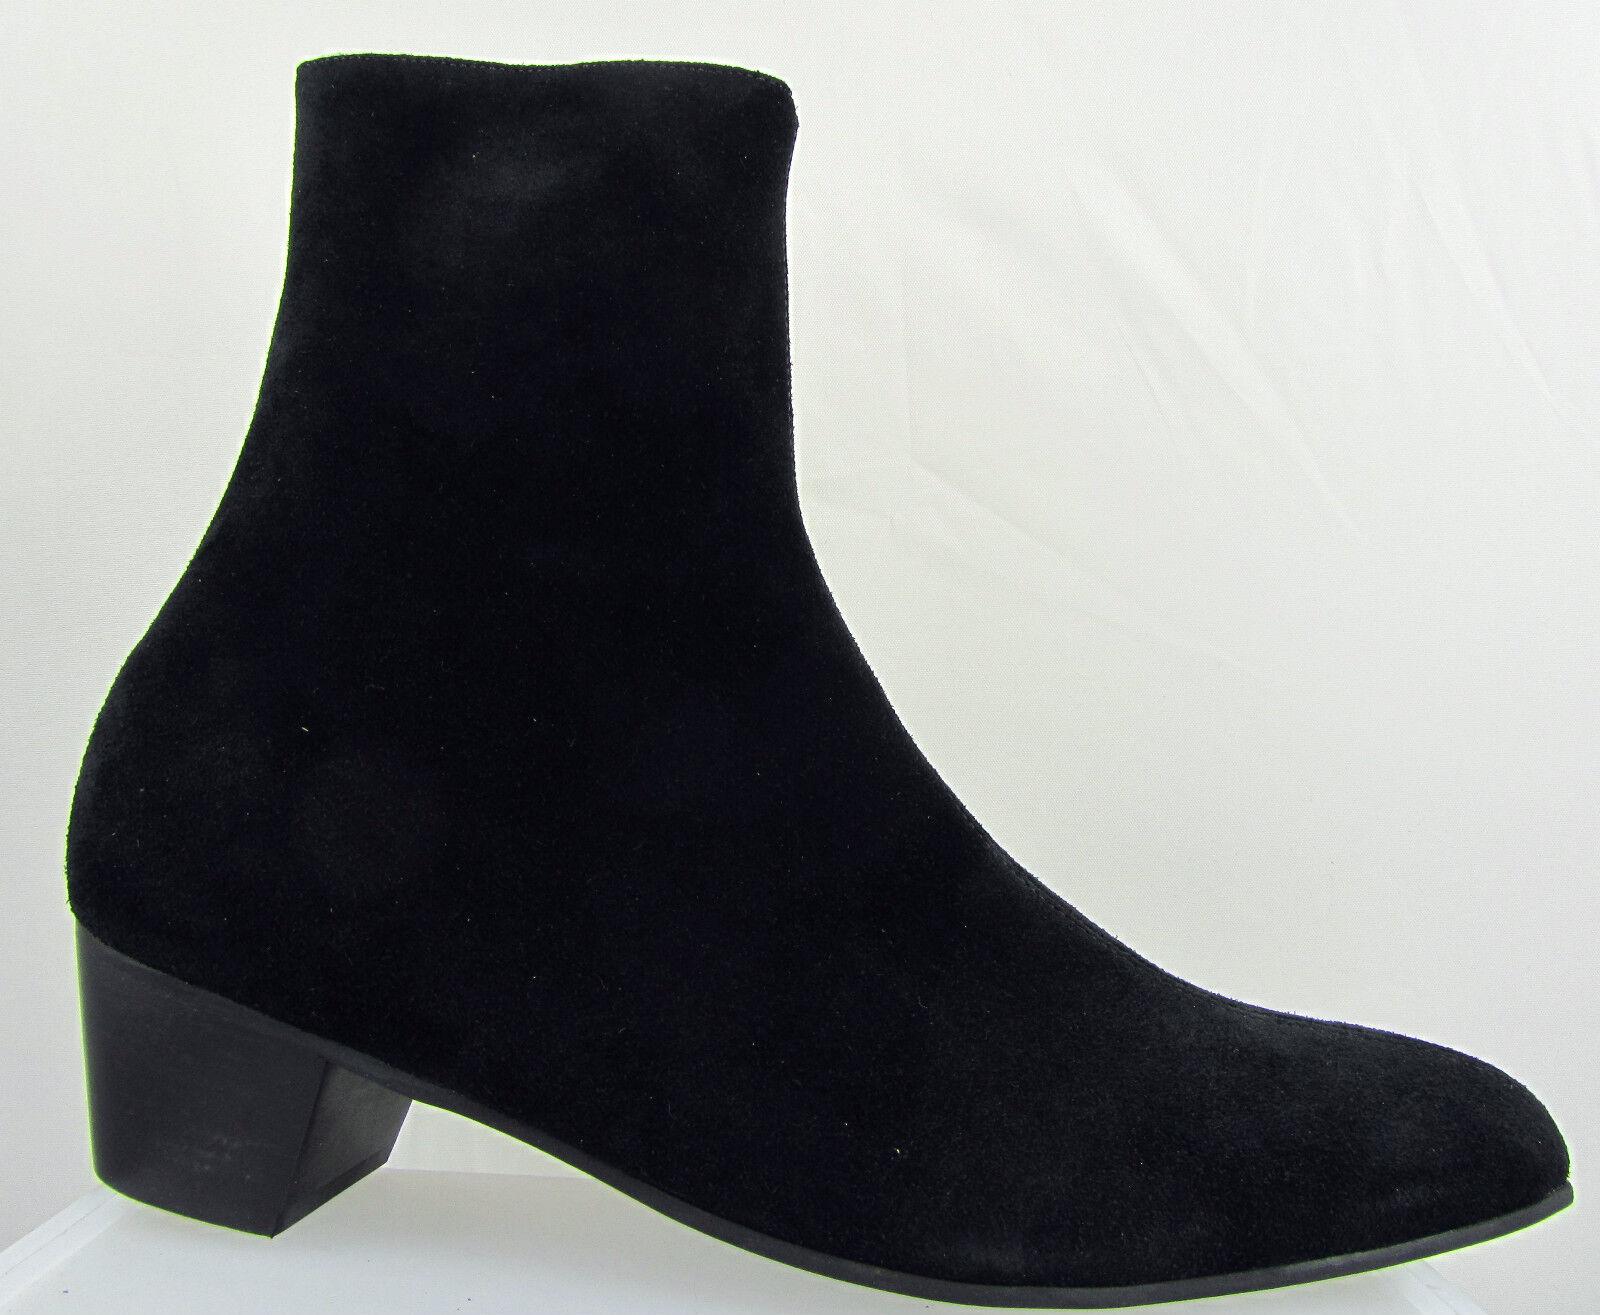 Uomo Retro Lennon Neri in Pelle Stivali Scamosciata Zip Chelsea BEAT Stivali Pelle Tacco Cubano Beatle ORIGINALE b03803